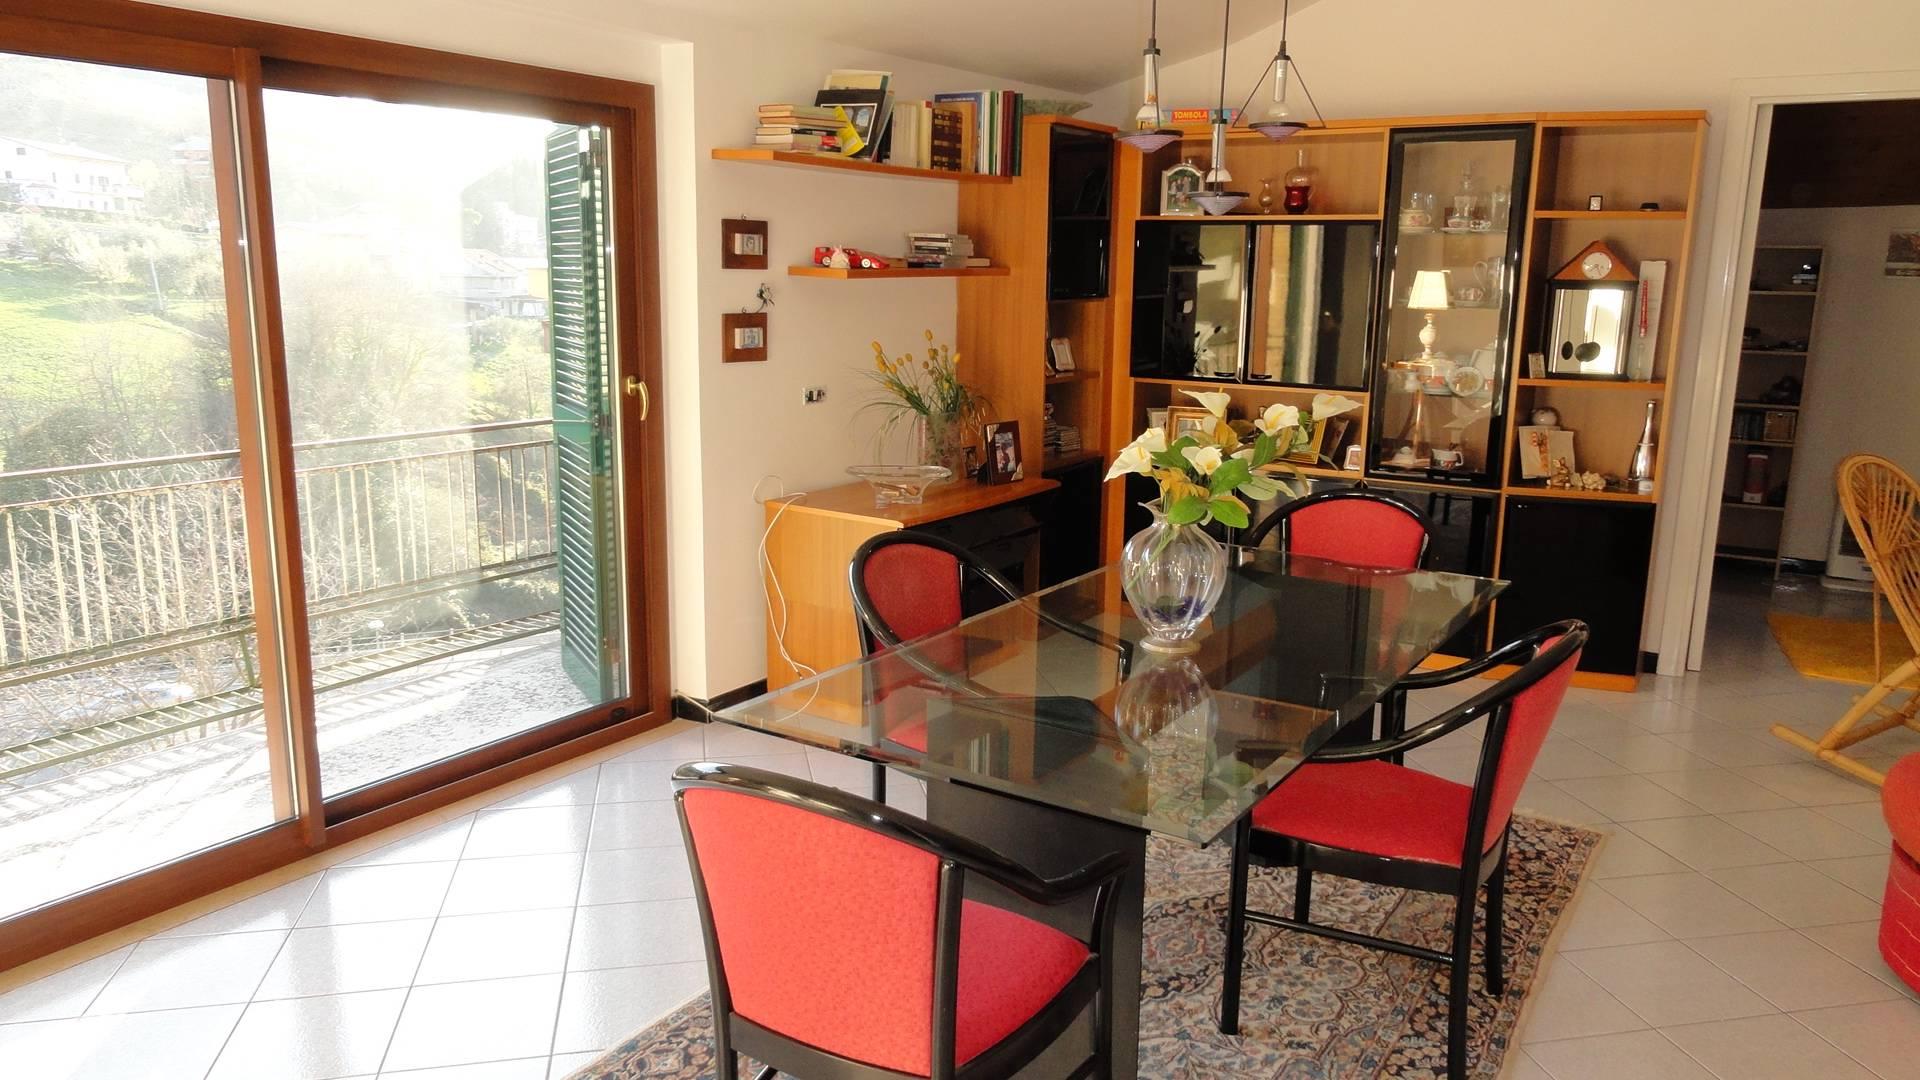 Soluzione Indipendente in vendita a Teramo, 5 locali, zona Zona: Centro , prezzo € 125.000 | Cambio Casa.it